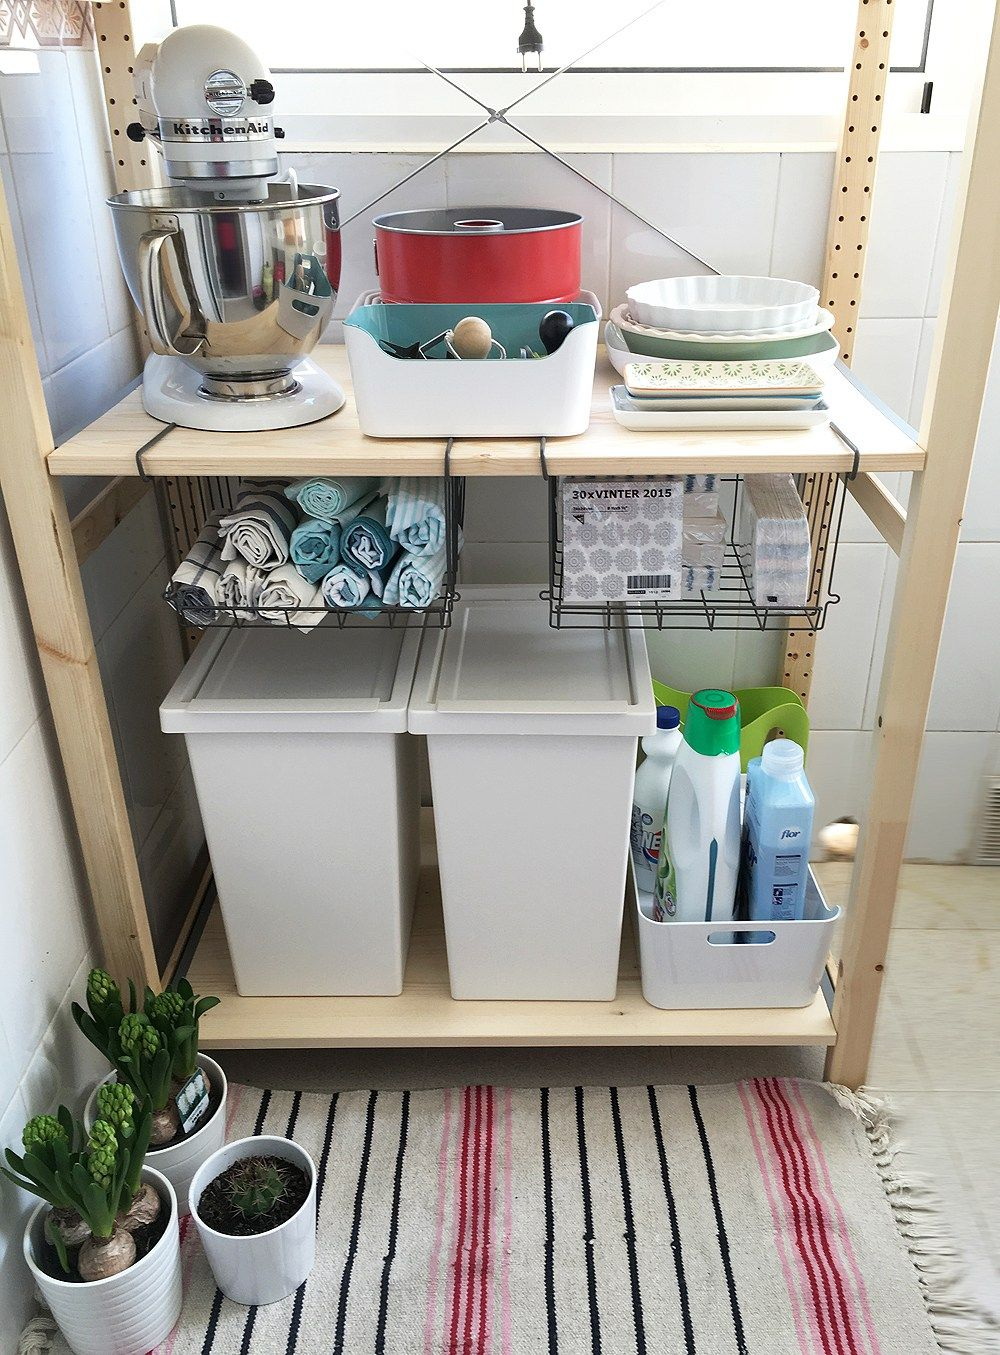 Ikea cocinas – No es magia. Es orden. #TodoEnOrden | organizacion ...